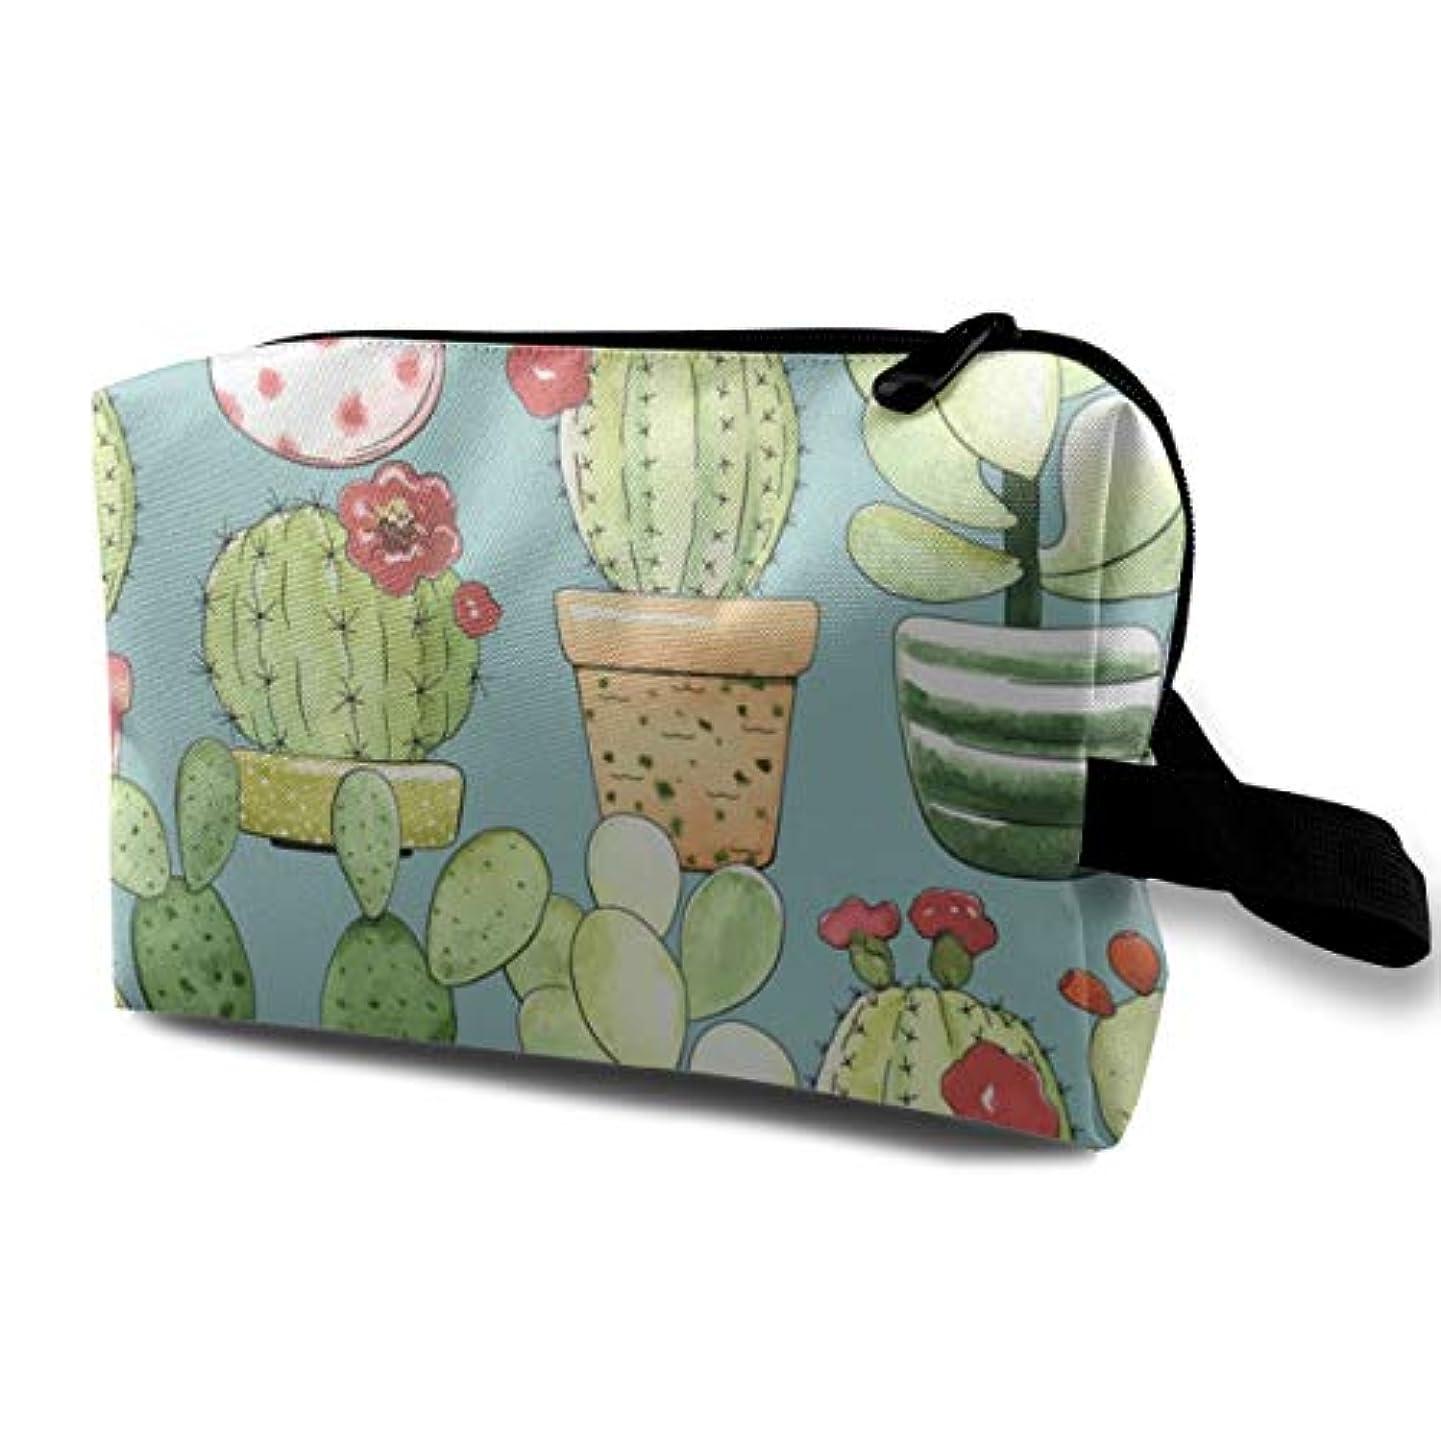 柔和制限された野菜Cacti 収納ポーチ 化粧ポーチ 大容量 軽量 耐久性 ハンドル付持ち運び便利。入れ 自宅・出張・旅行・アウトドア撮影などに対応。メンズ レディース トラベルグッズ